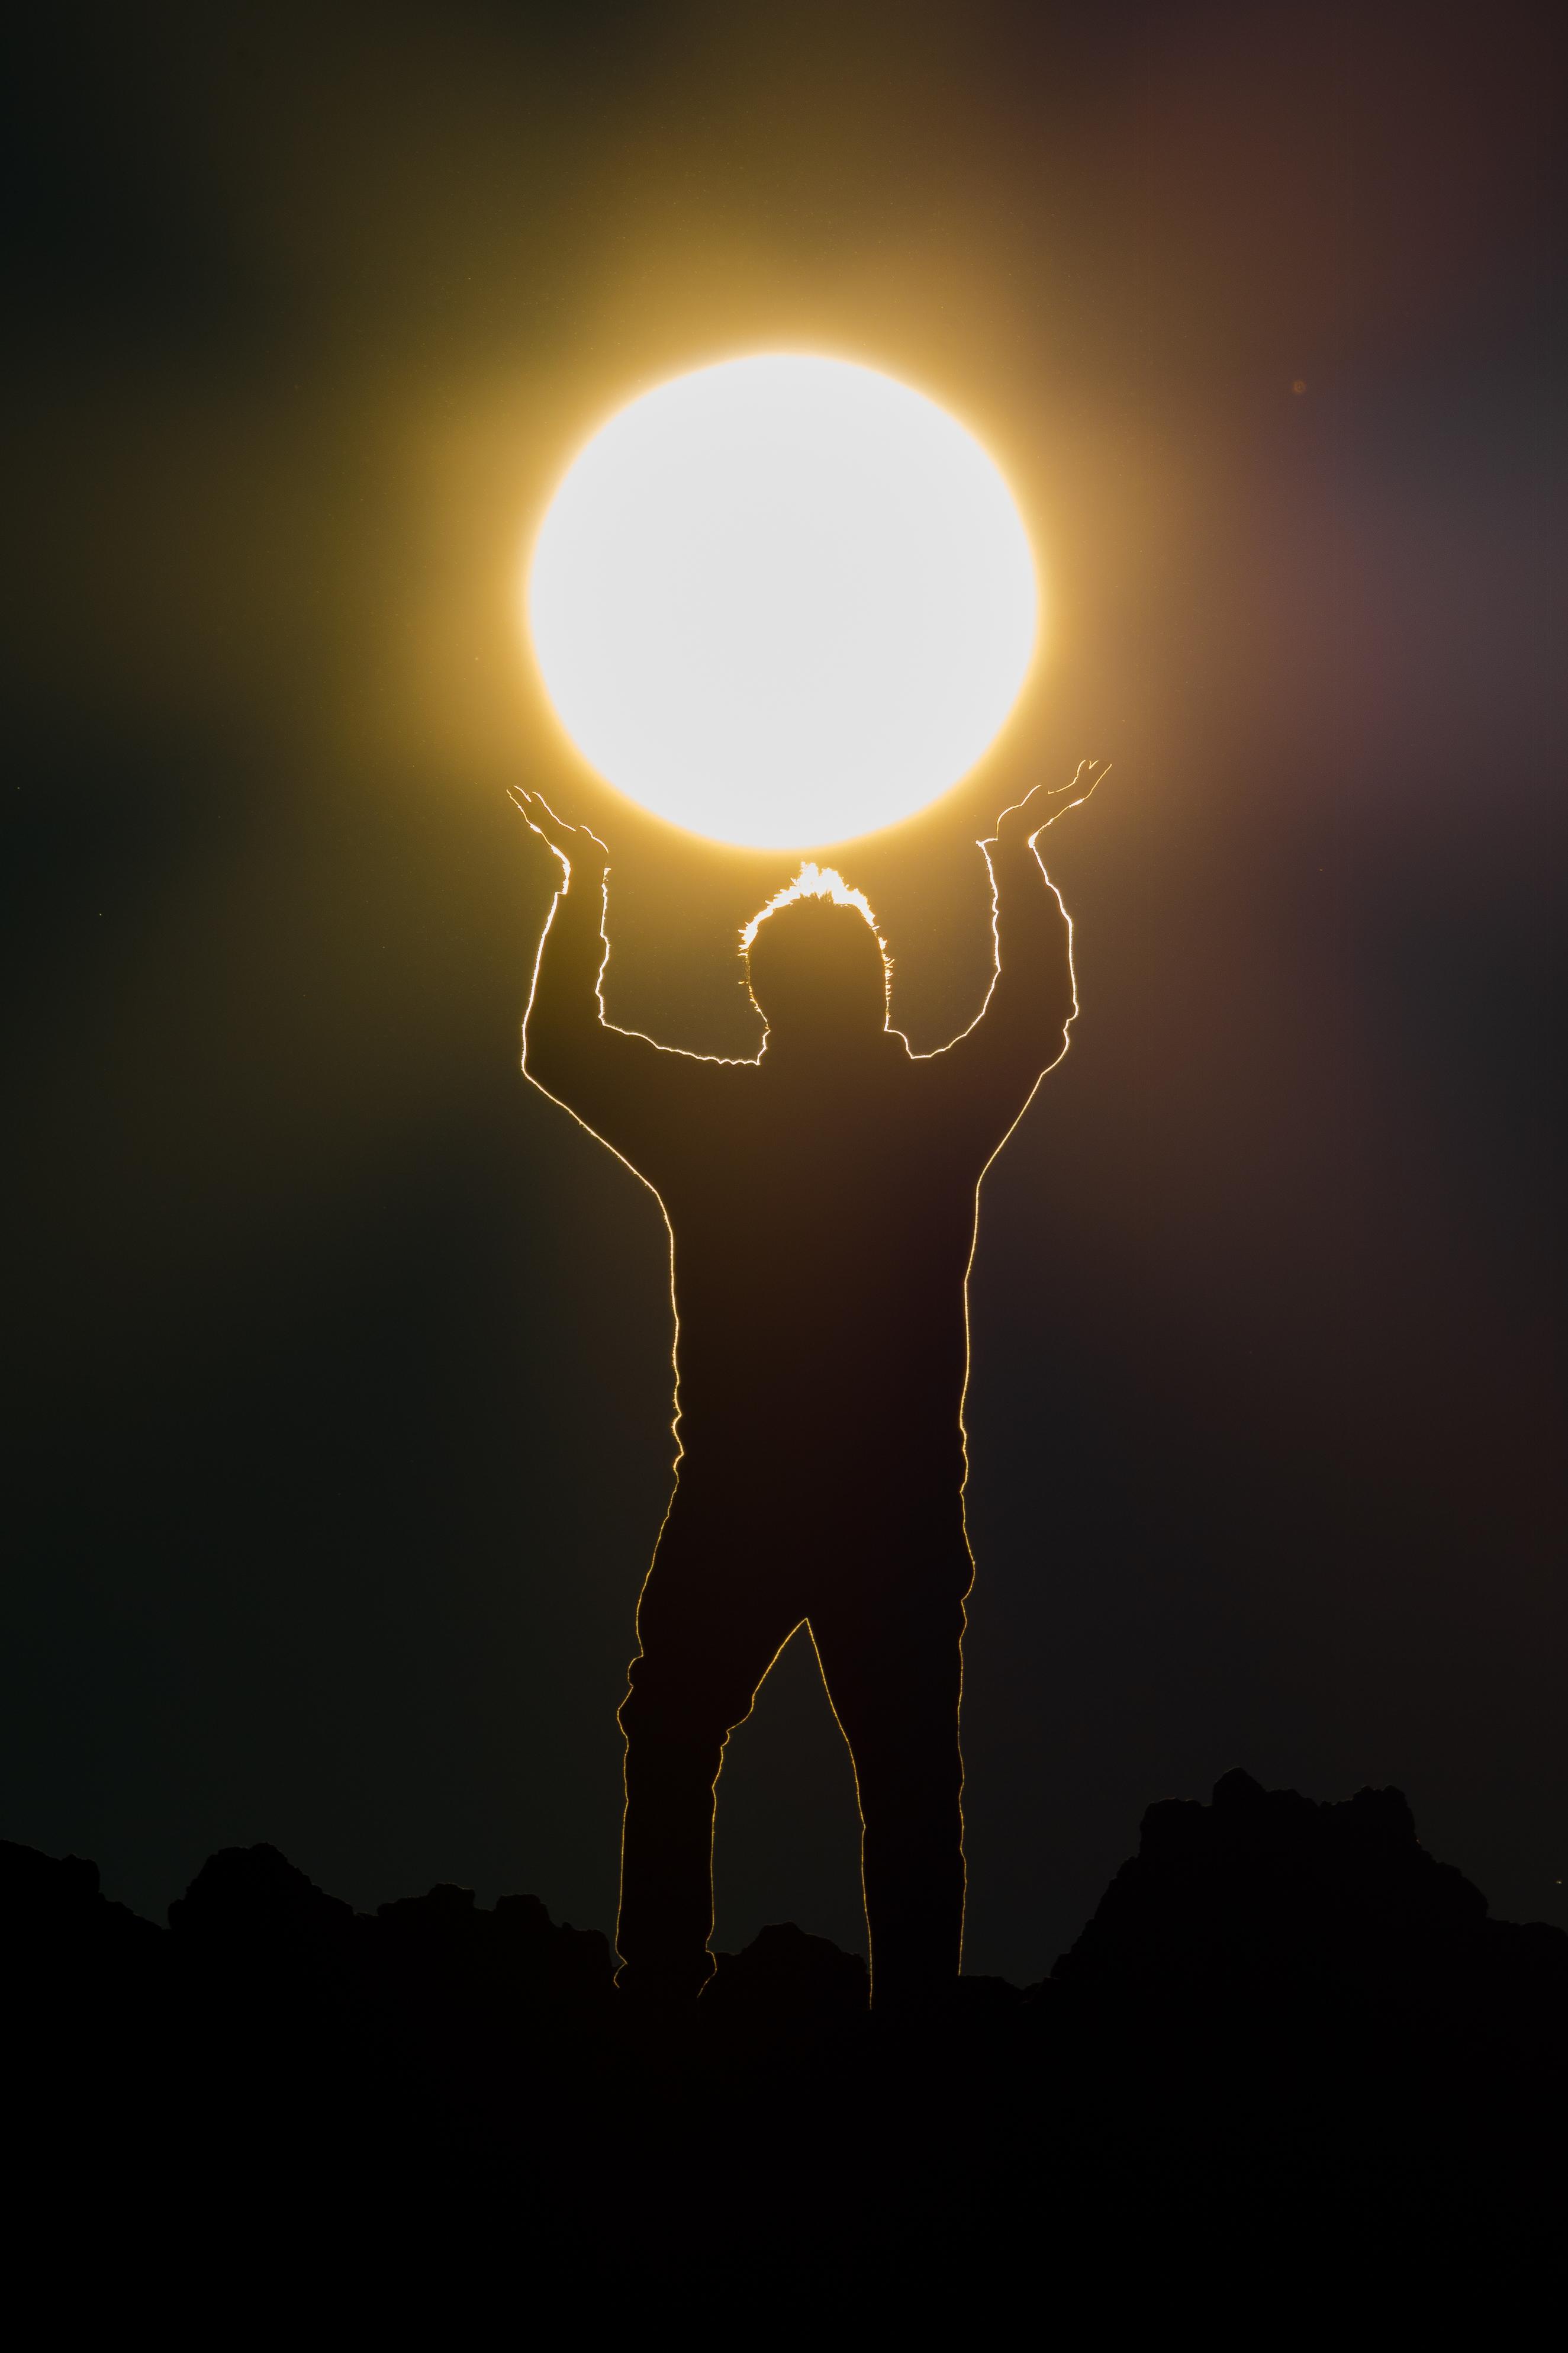 La Palma - Jouer avec le Soleil IMG_9198